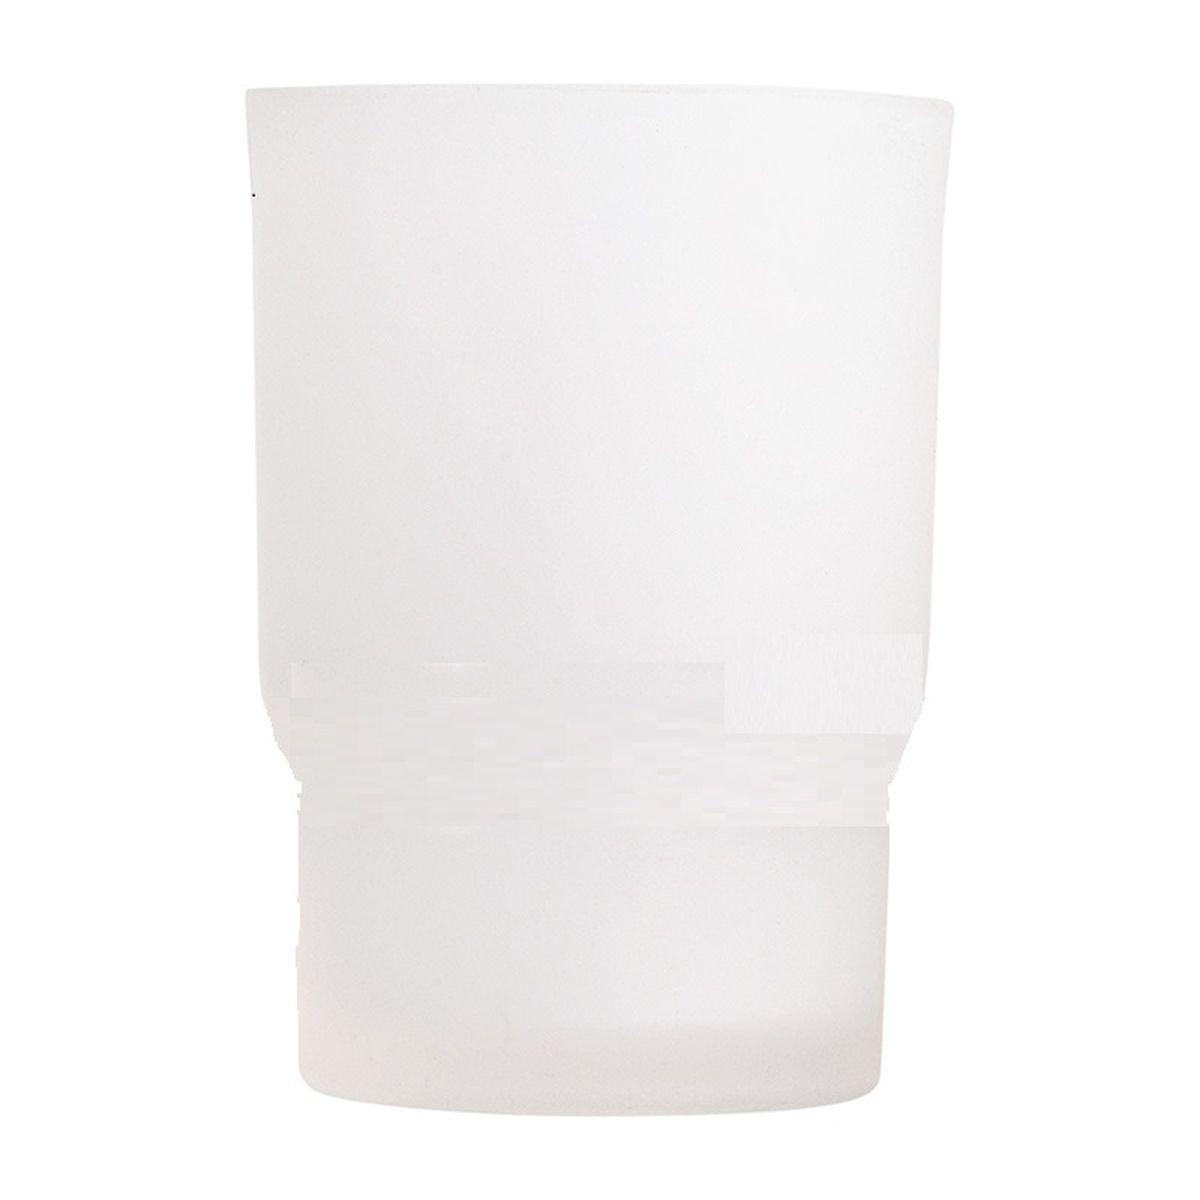 Стакан для ванной комнаты Vanstore Овал, 6,7 х 6,7 х 9,5 см68/5/3Стакан для ванной комнаты Vanstore Овал изготовлен из высококачественного матового стекла. В стакане удобно хранить зубные щетки, тюбики с зубной пастой и другие принадлежности. Такой аксессуар для ванной комнаты стильно украсит интерьер и добавит в обычную обстановку яркие и модные акценты. Изделие отлично сочетается с другими аксессуарами из коллекции Овал. Может служит дополнительным стаканом для комплекта 003-23.